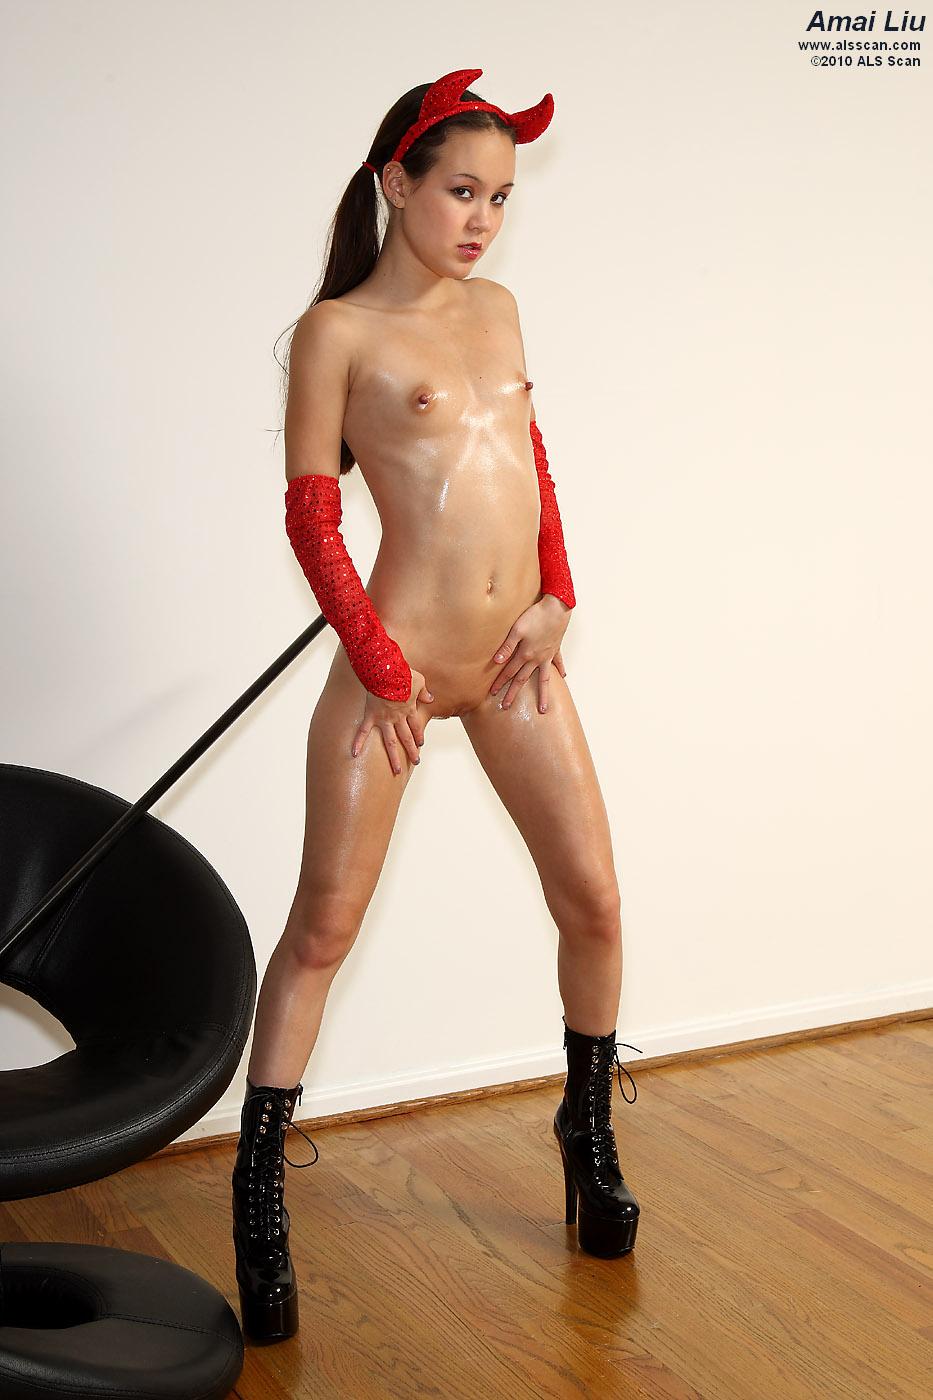 Devil porno galleria